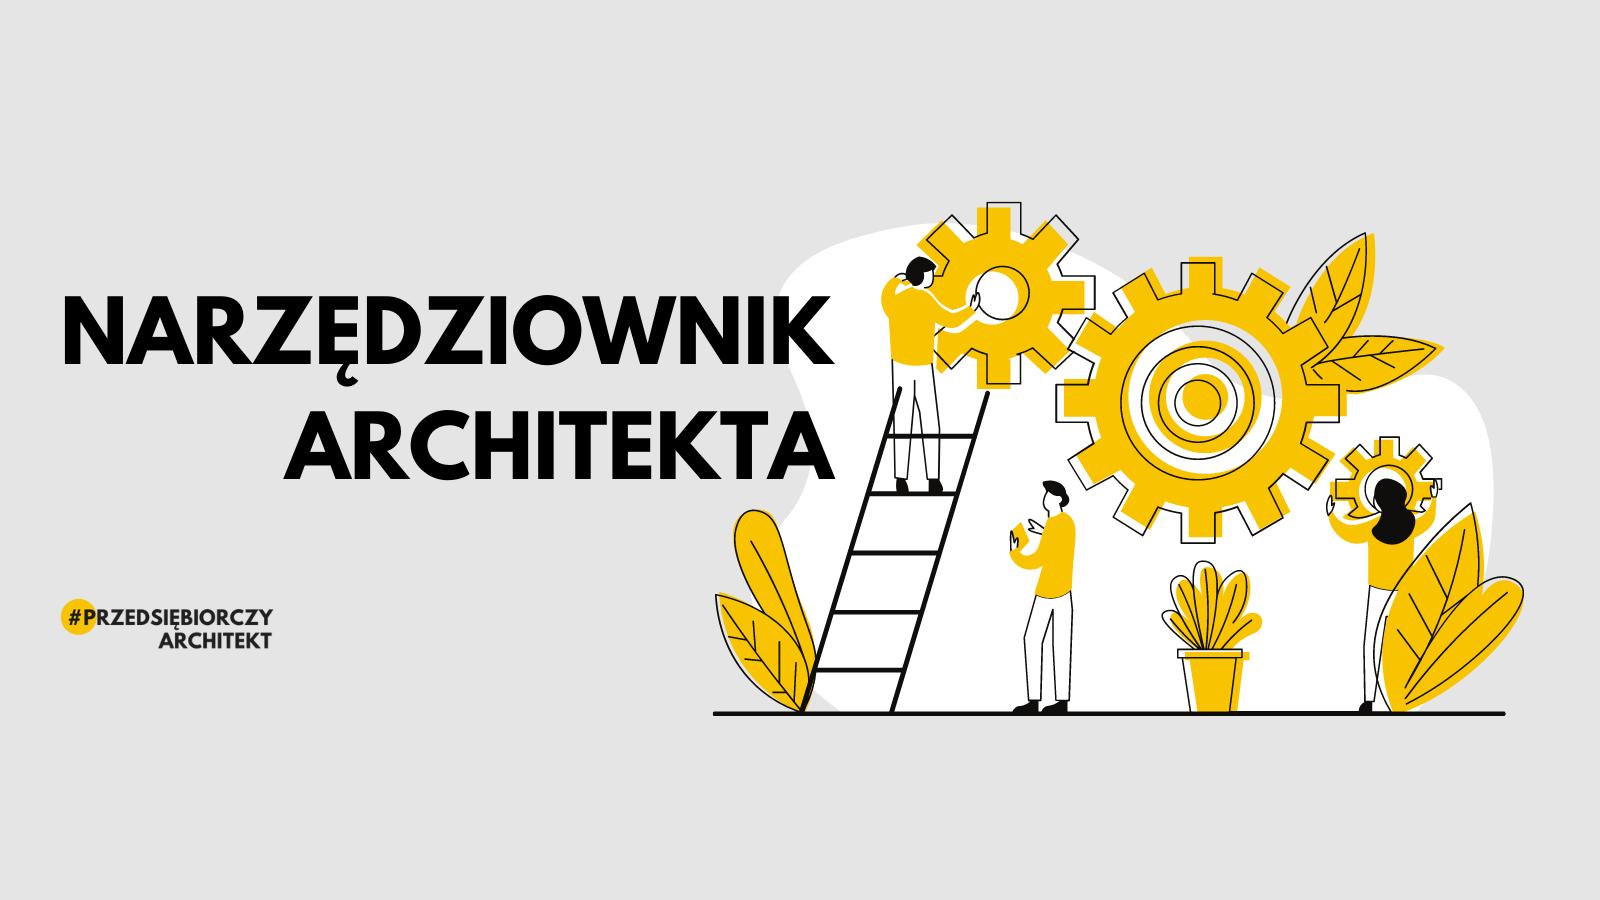 Narzędziownik Architekta - newsletter logo